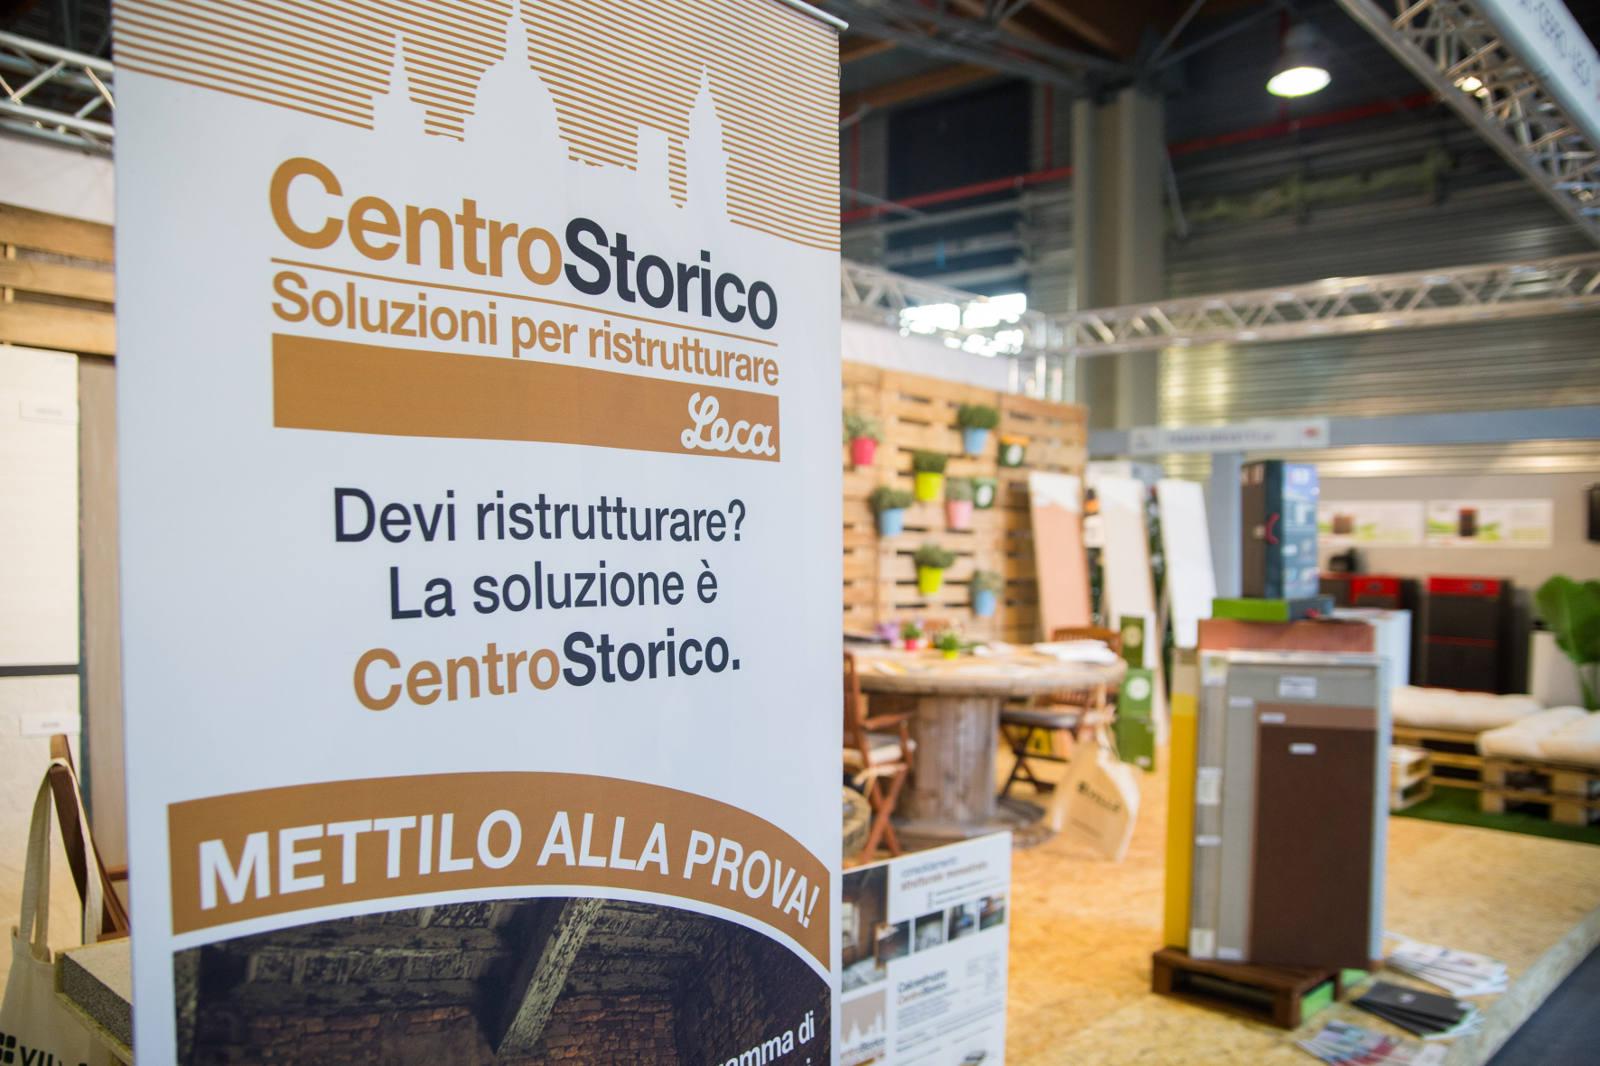 Leca-Centro-Storico-Soluzioni-per-Ristrutturare-Villa-Frosinone-rivenditore-ufficiale-.jpg